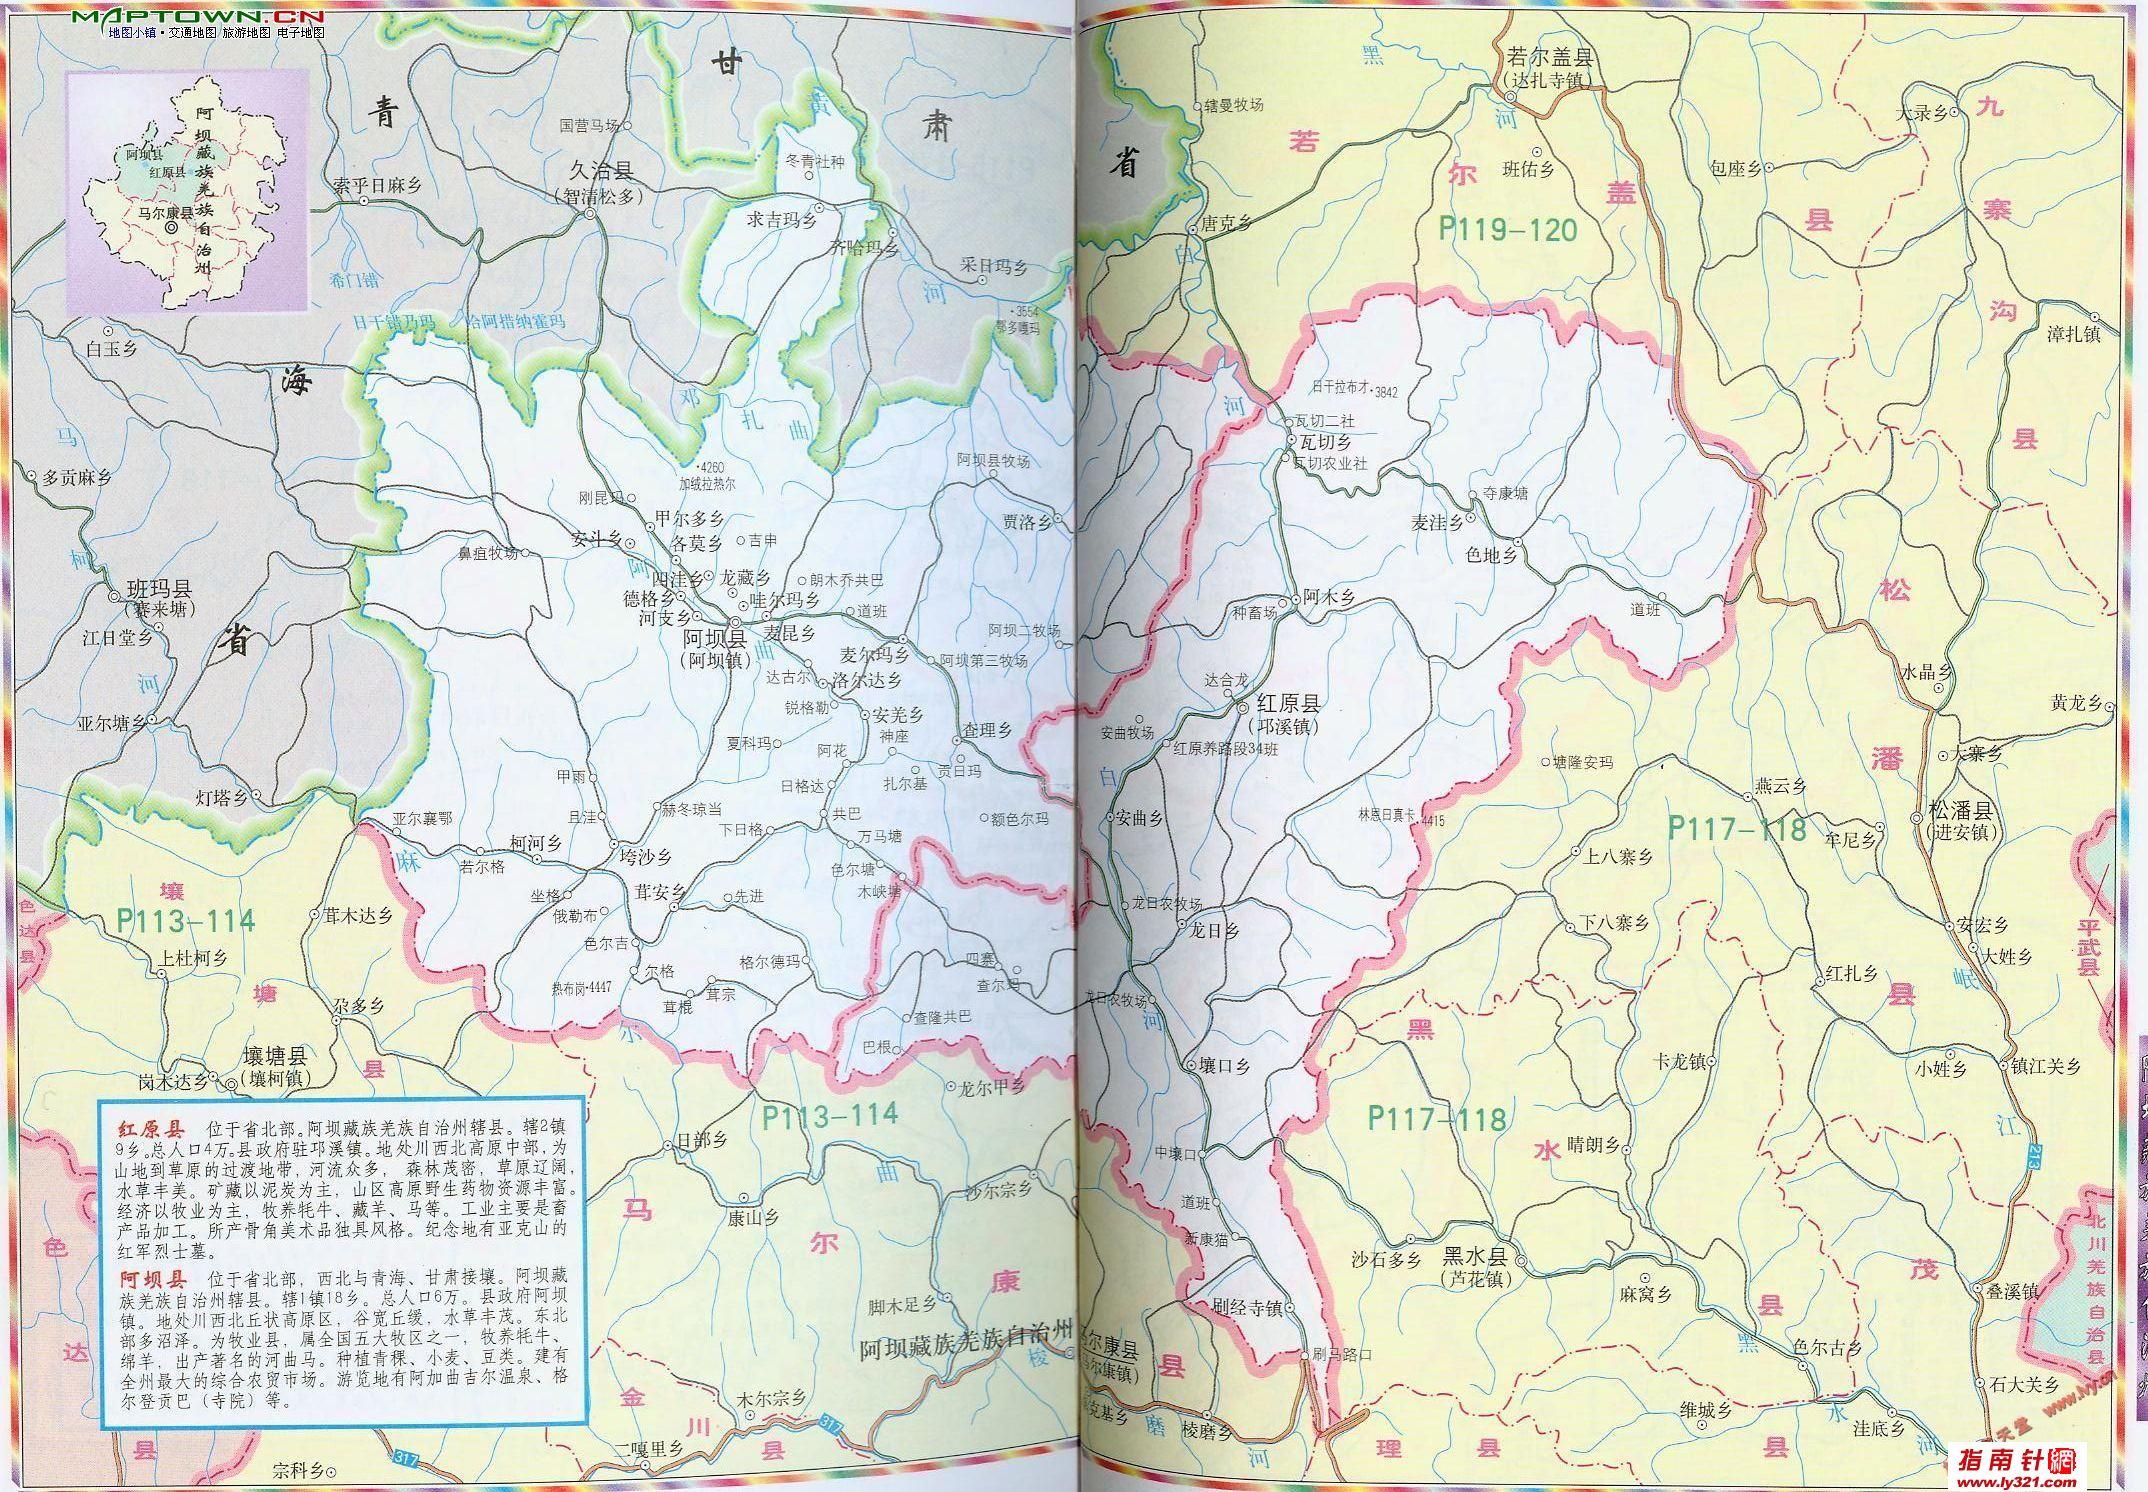 四川阿坝县地图_阿坝旅游景点地图查询